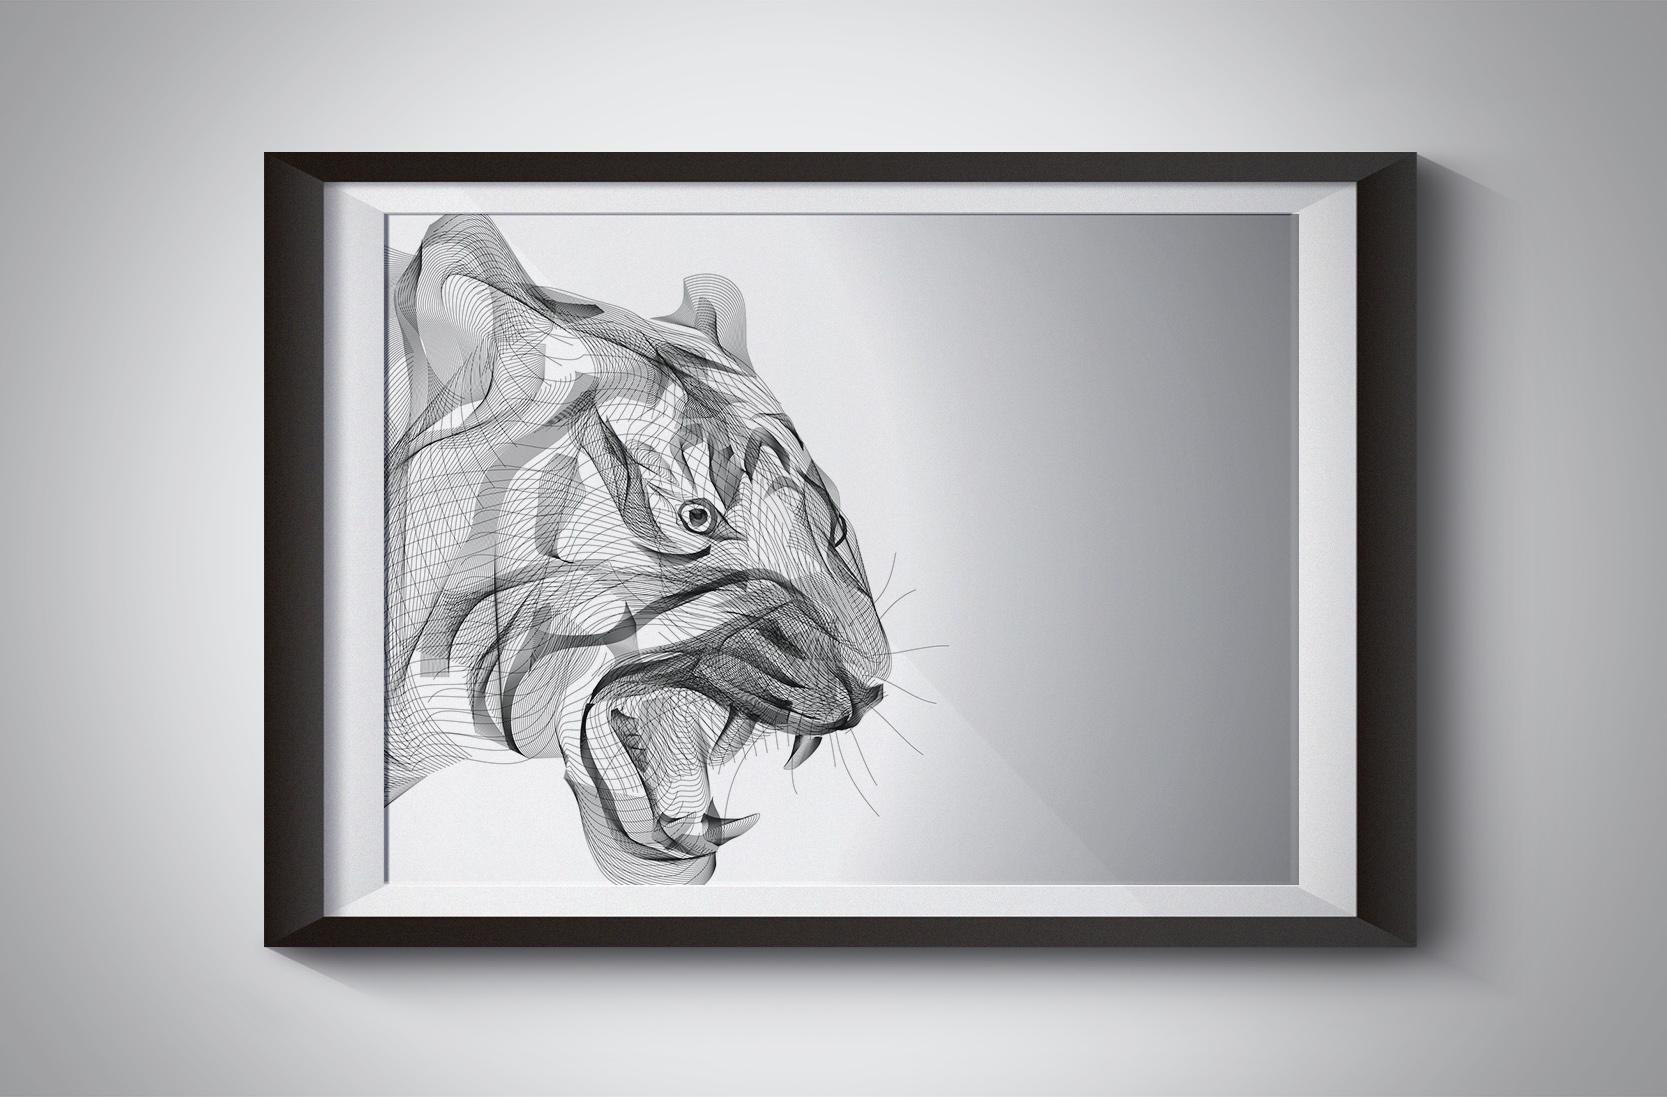 tiger illustration wall art